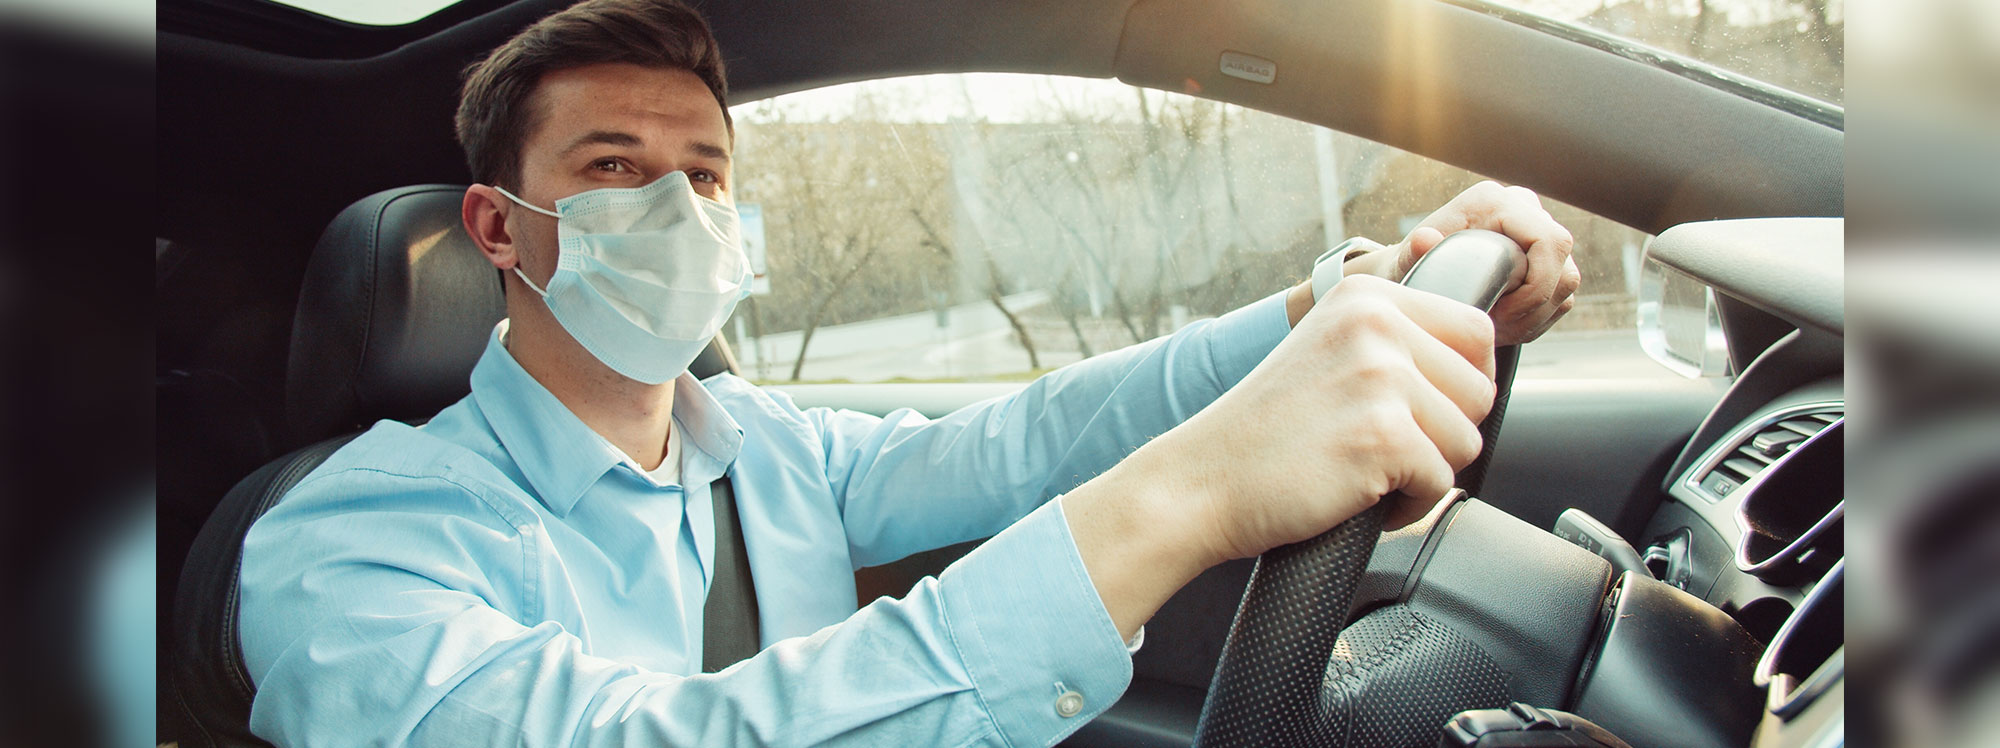 ¿Cómo elegir un auto para el regreso pospandemia?